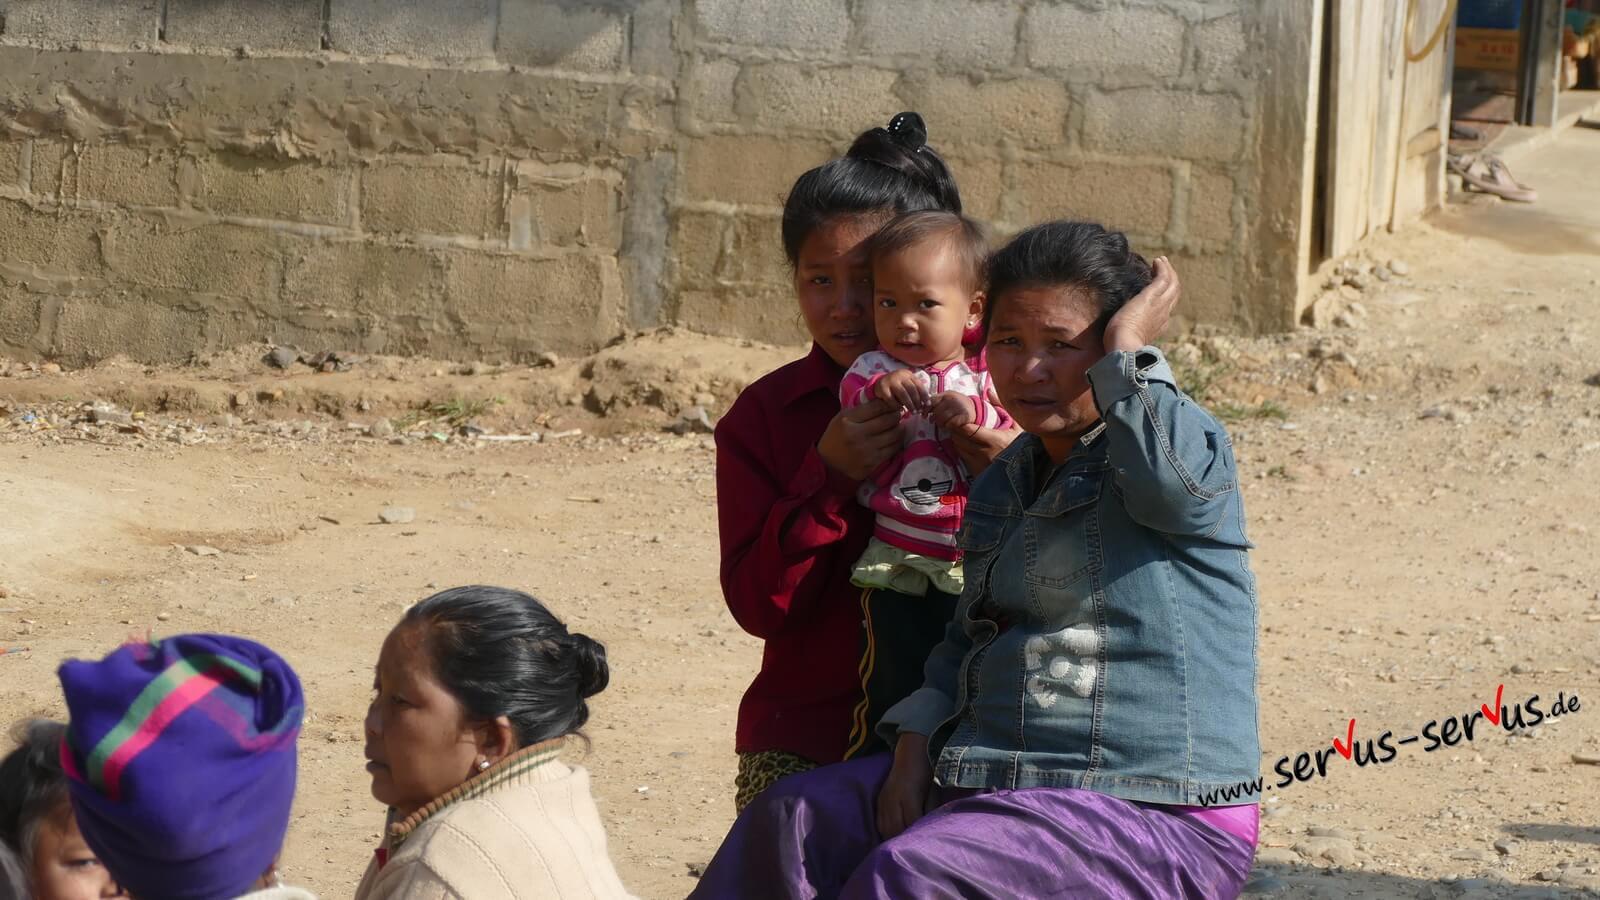 sawadee, Kind winkt laos straße